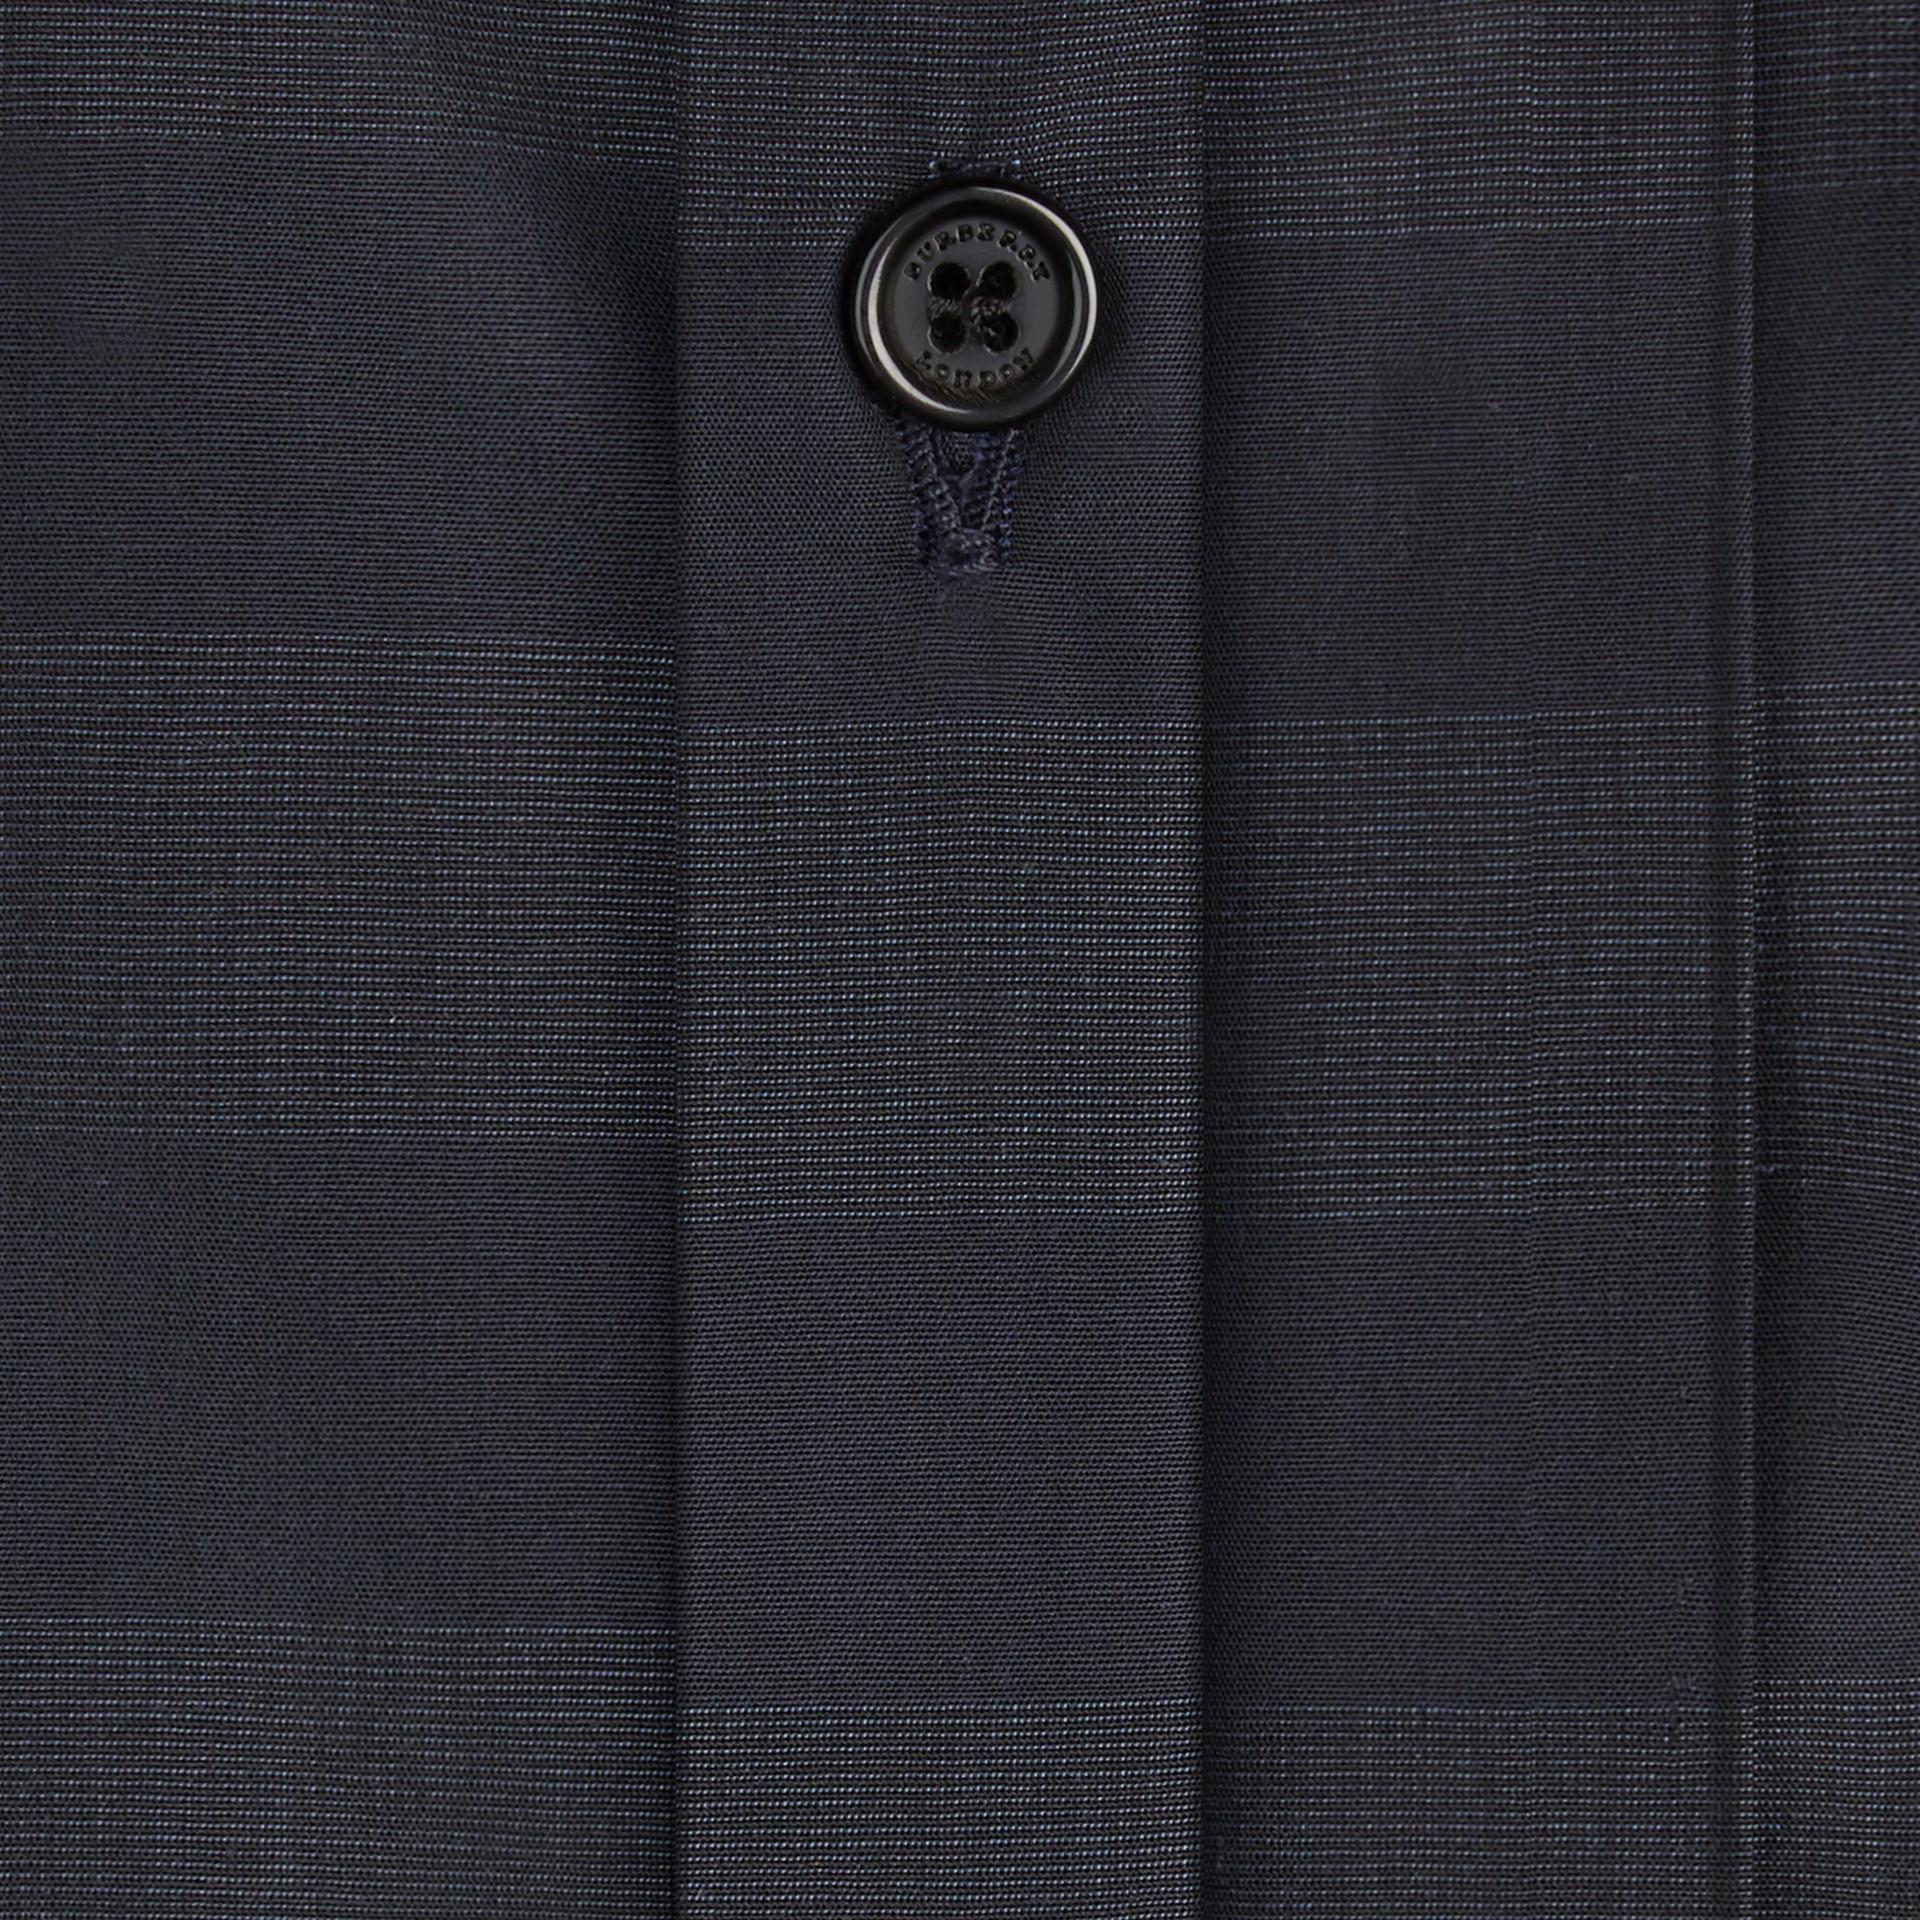 네이비 체크 코튼 셔츠 네이비 - 갤러리 이미지 2